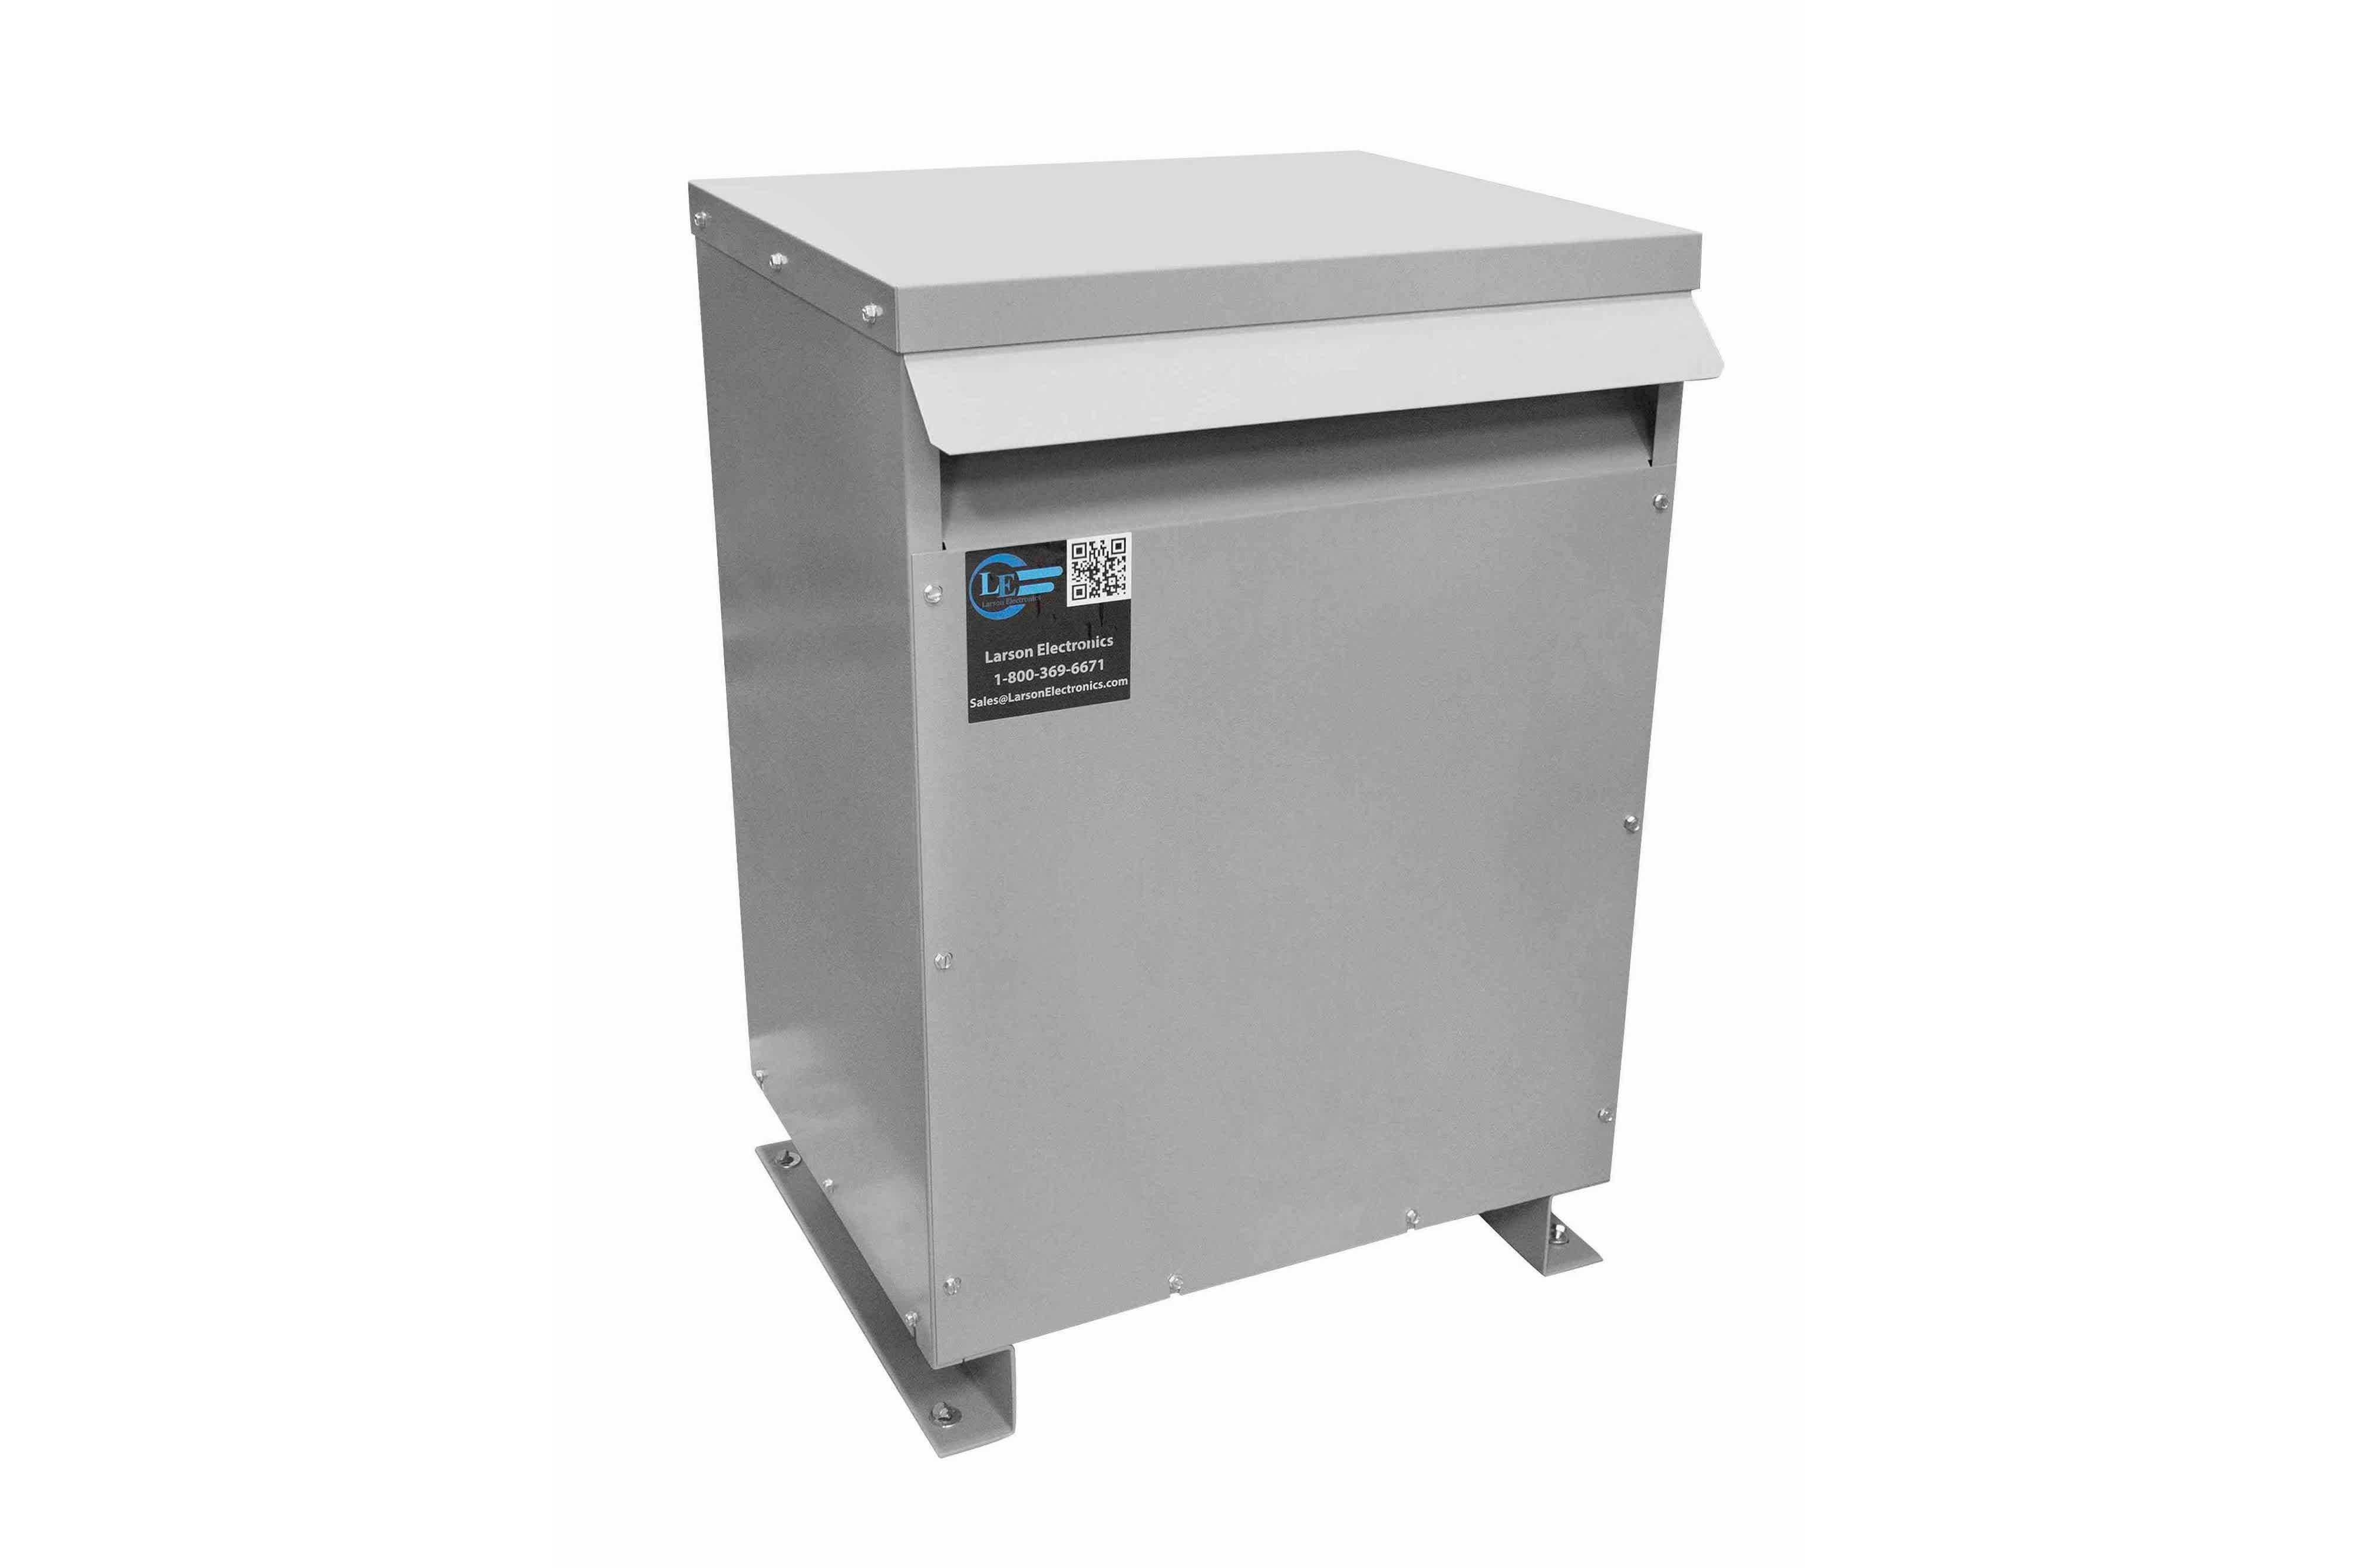 150 kVA 3PH Isolation Transformer, 240V Delta Primary, 415V Delta Secondary, N3R, Ventilated, 60 Hz